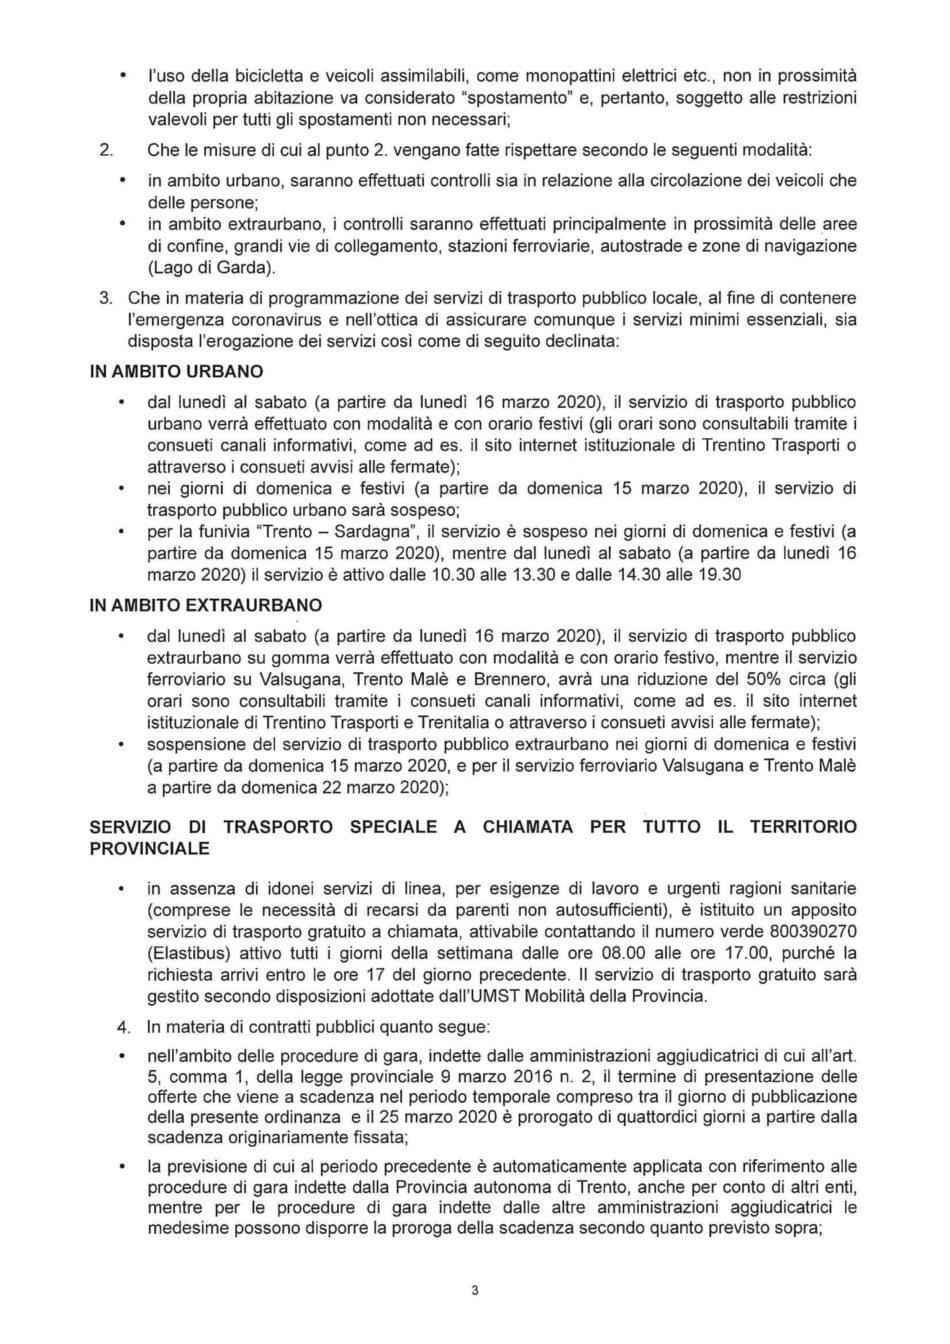 Nuova ordinanza del presidente Fugatti